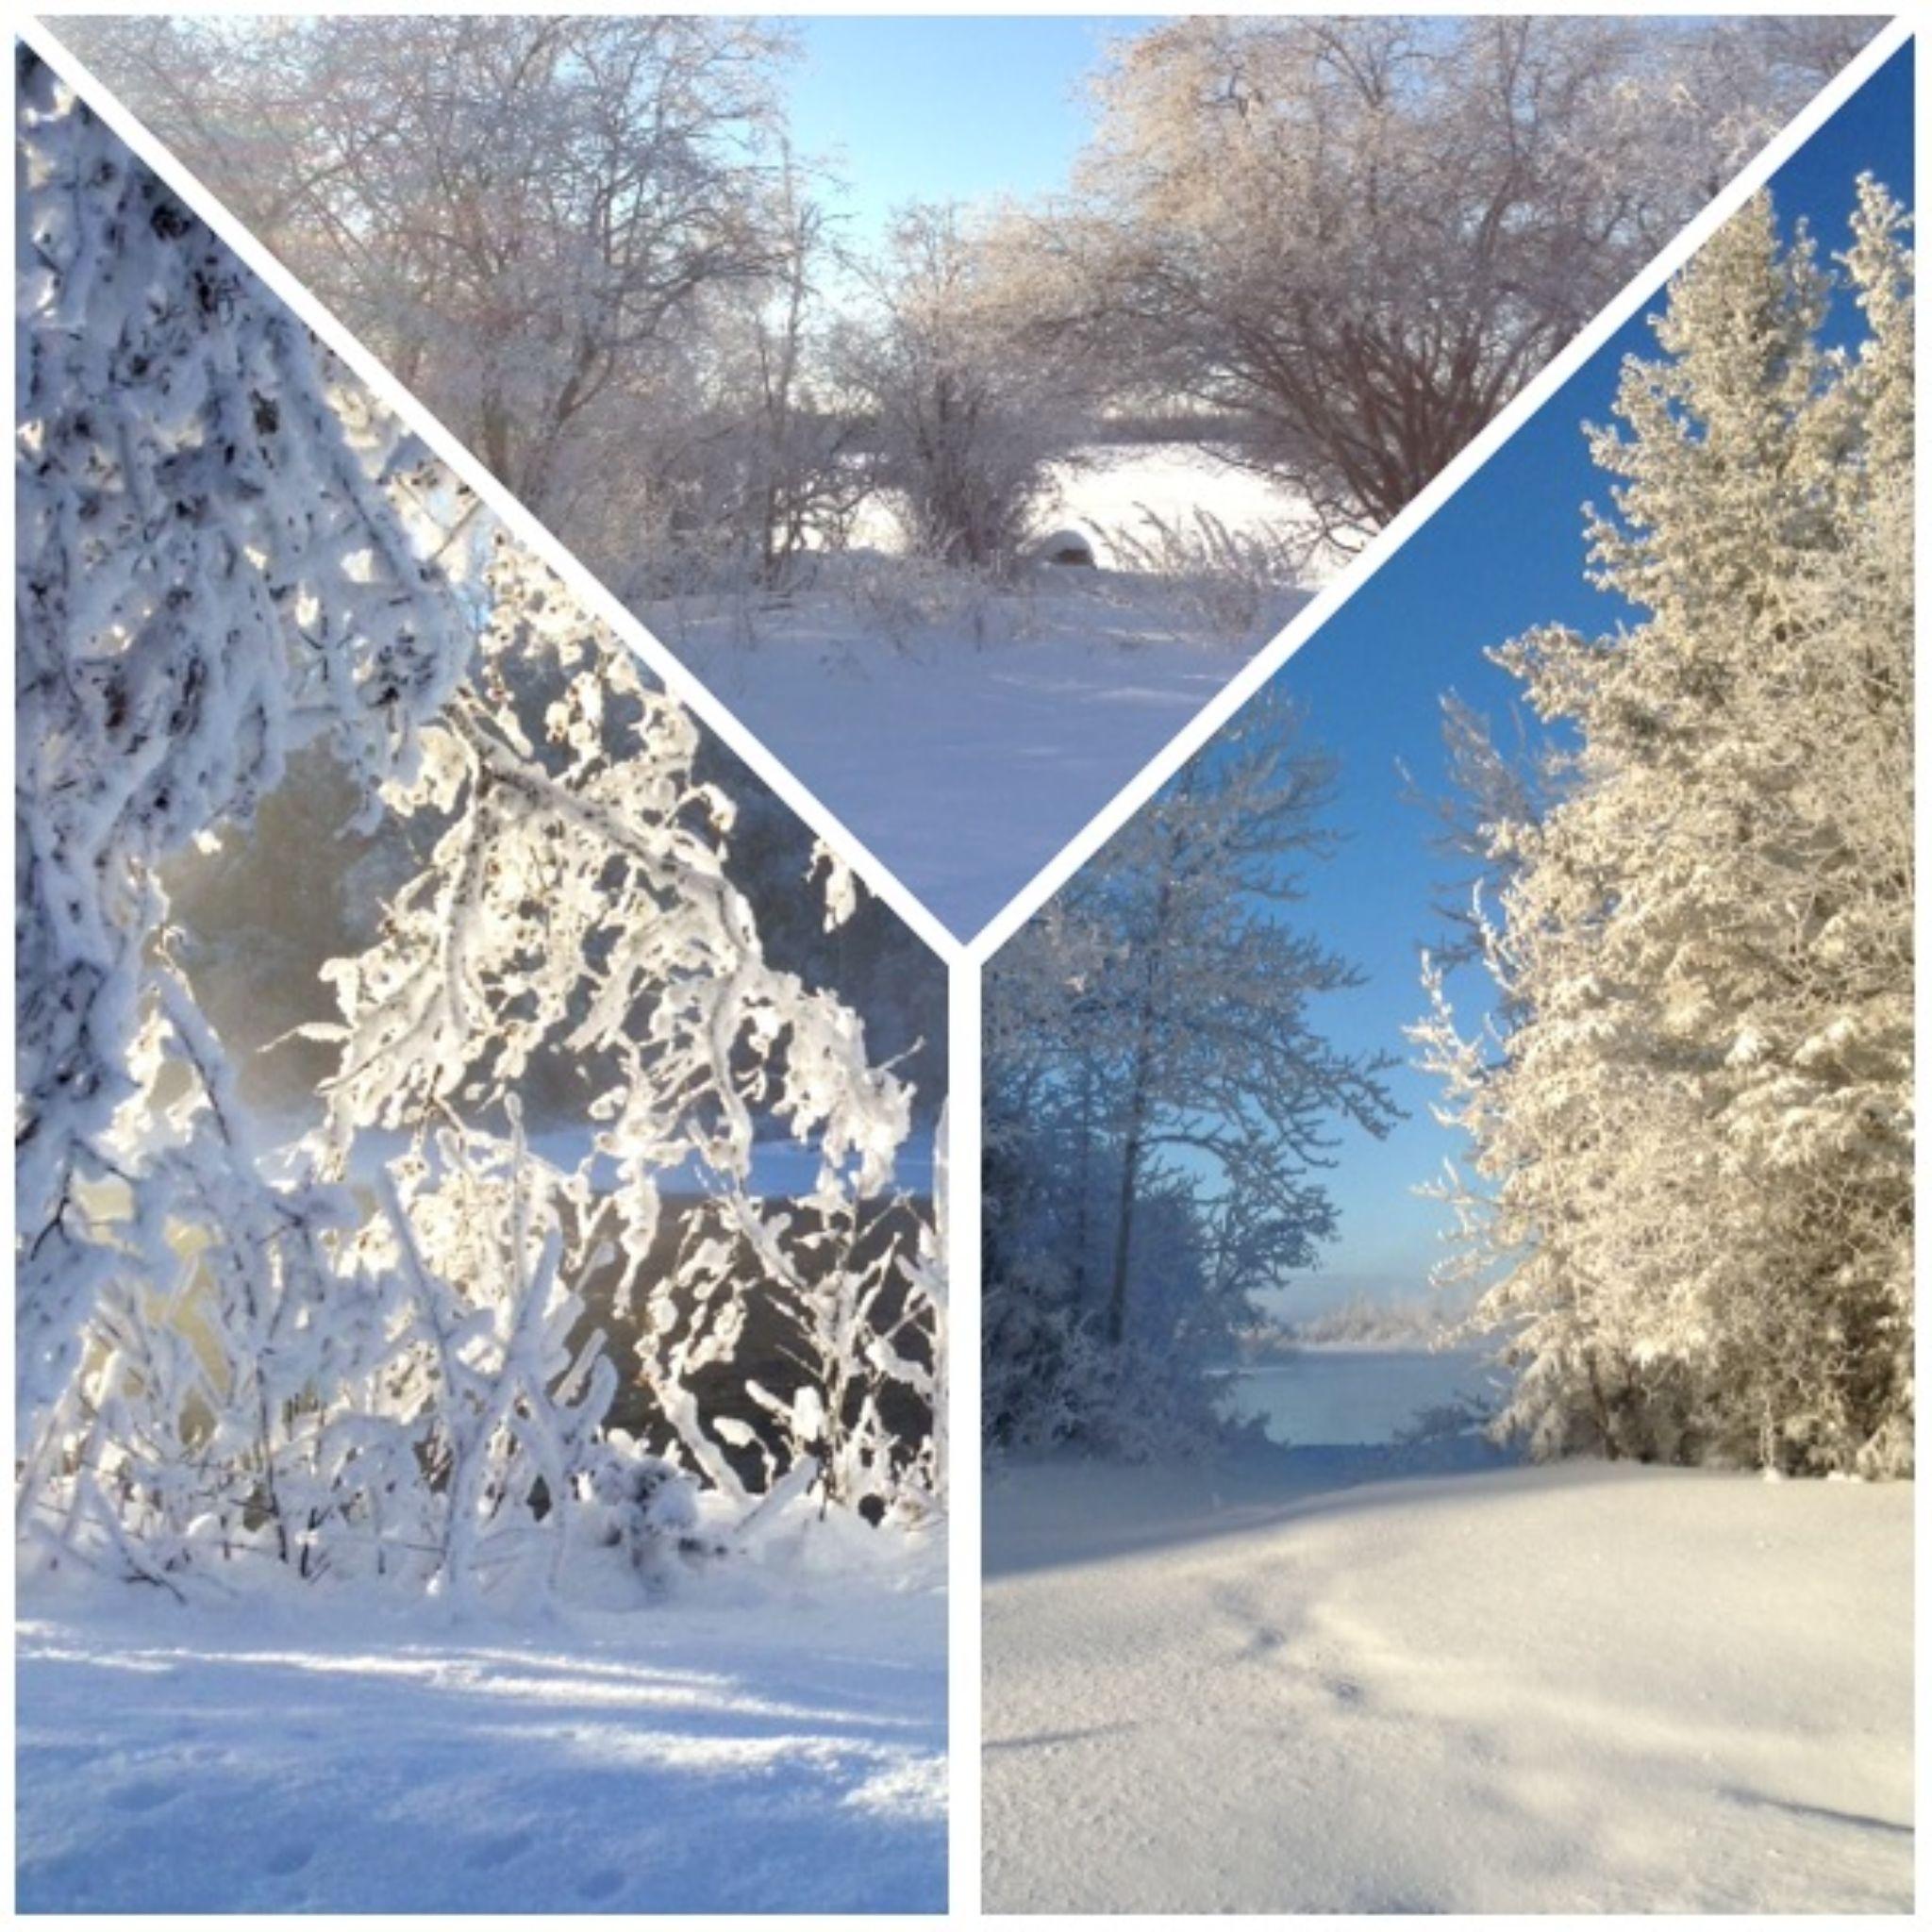 Winter In La Ronge by Annette McCann